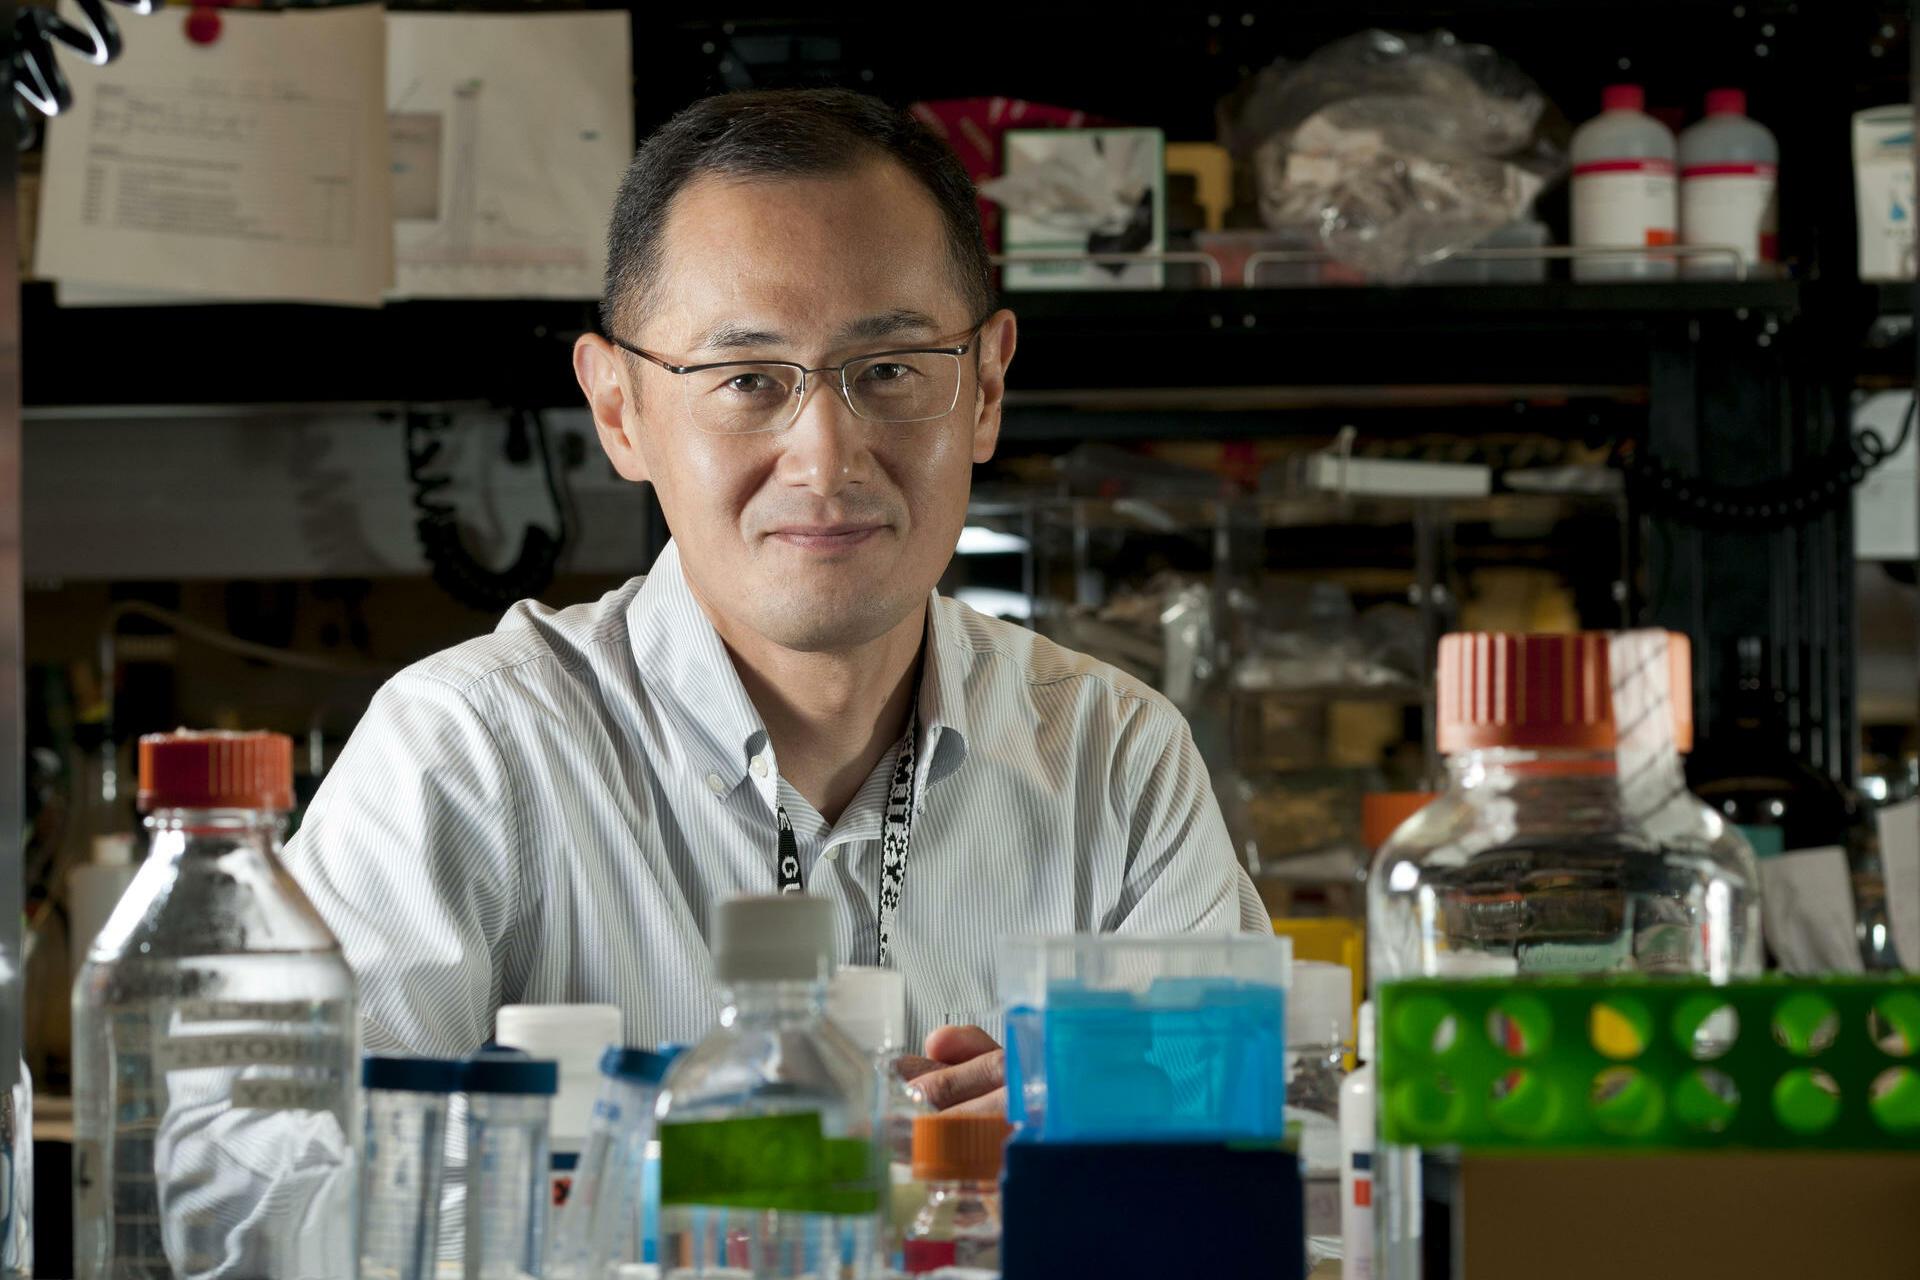 Medizin-Nobelpreis: Shinya YamanakaShinya Yamanaka wollte kranken Menschen helfen. Also wurde er Arzt. Doch ihm fehlte das Talent zum Chirurgen. Deshalb wechselte er in die Stammzellforschung - und revolutionierte diese 2006 mit einer bahnbrechenden Entdeckung: Ihm gelang es, erwachsene Zellen in Stammzellen zurückzuverwandeln. Aufbauend auf dieser Technologie könnten einmal Ersatzorgane und Gewebe gezüchtet werden. Zahlreiche Ehrungen und Auszeichnungen hat der 50-Jährige seither für seine Forschung erhalten. Seit Montag gehört der Medizin-Nobelpreis dazu. Diesen teilt sich Yamanaka mit dem Briten John Gurdon. Der Klonpionier Gurdon schuf die Grundlage für Yamanakas Arbeiten an der Universität in Kyoto. Das war 1962 - im selben Jahr, am 4. September, wurde Yamanaka in Osaka geboren. Von 1981 bis 1987 studierte er Medizin an der Universität Kobe, danach arbeitete er als Assistenzarzt in der orthopädischen Chirurgie in Osaka. Nach seiner Promotion 1993 wechselte Yamanaka an das Gladstone Institute in San Francisco, wo er seit 2007 eine Forschungsgruppe betreut. 1996 kehrte der Wissenschaftler als Assistenzprofessor nach Osaka zurück. Seit 2004 ist er Professor an der Universität in Kyoto. Dort leitet er seit 2008 das eigens für die Forschung an sogenannten iPS-Zellen gegründete Institut. Quelle: dapd